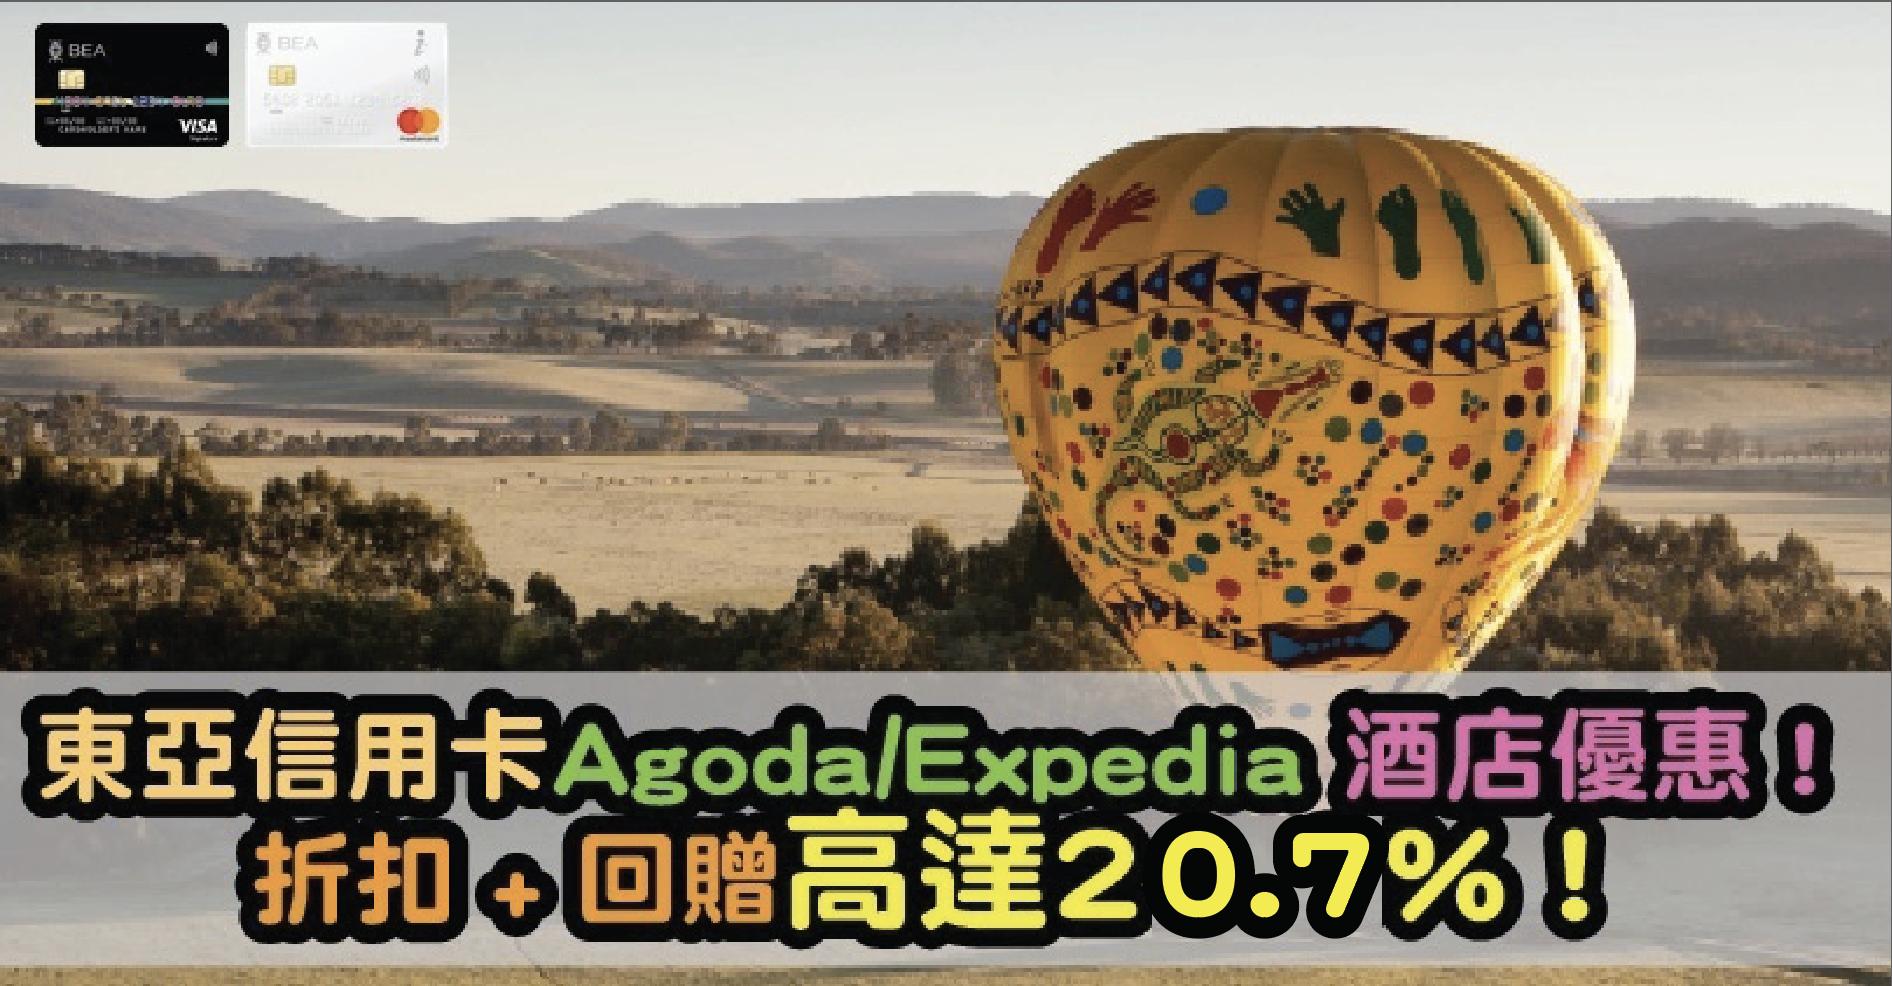 東亞信用卡Agoda/Expedia 酒店優惠